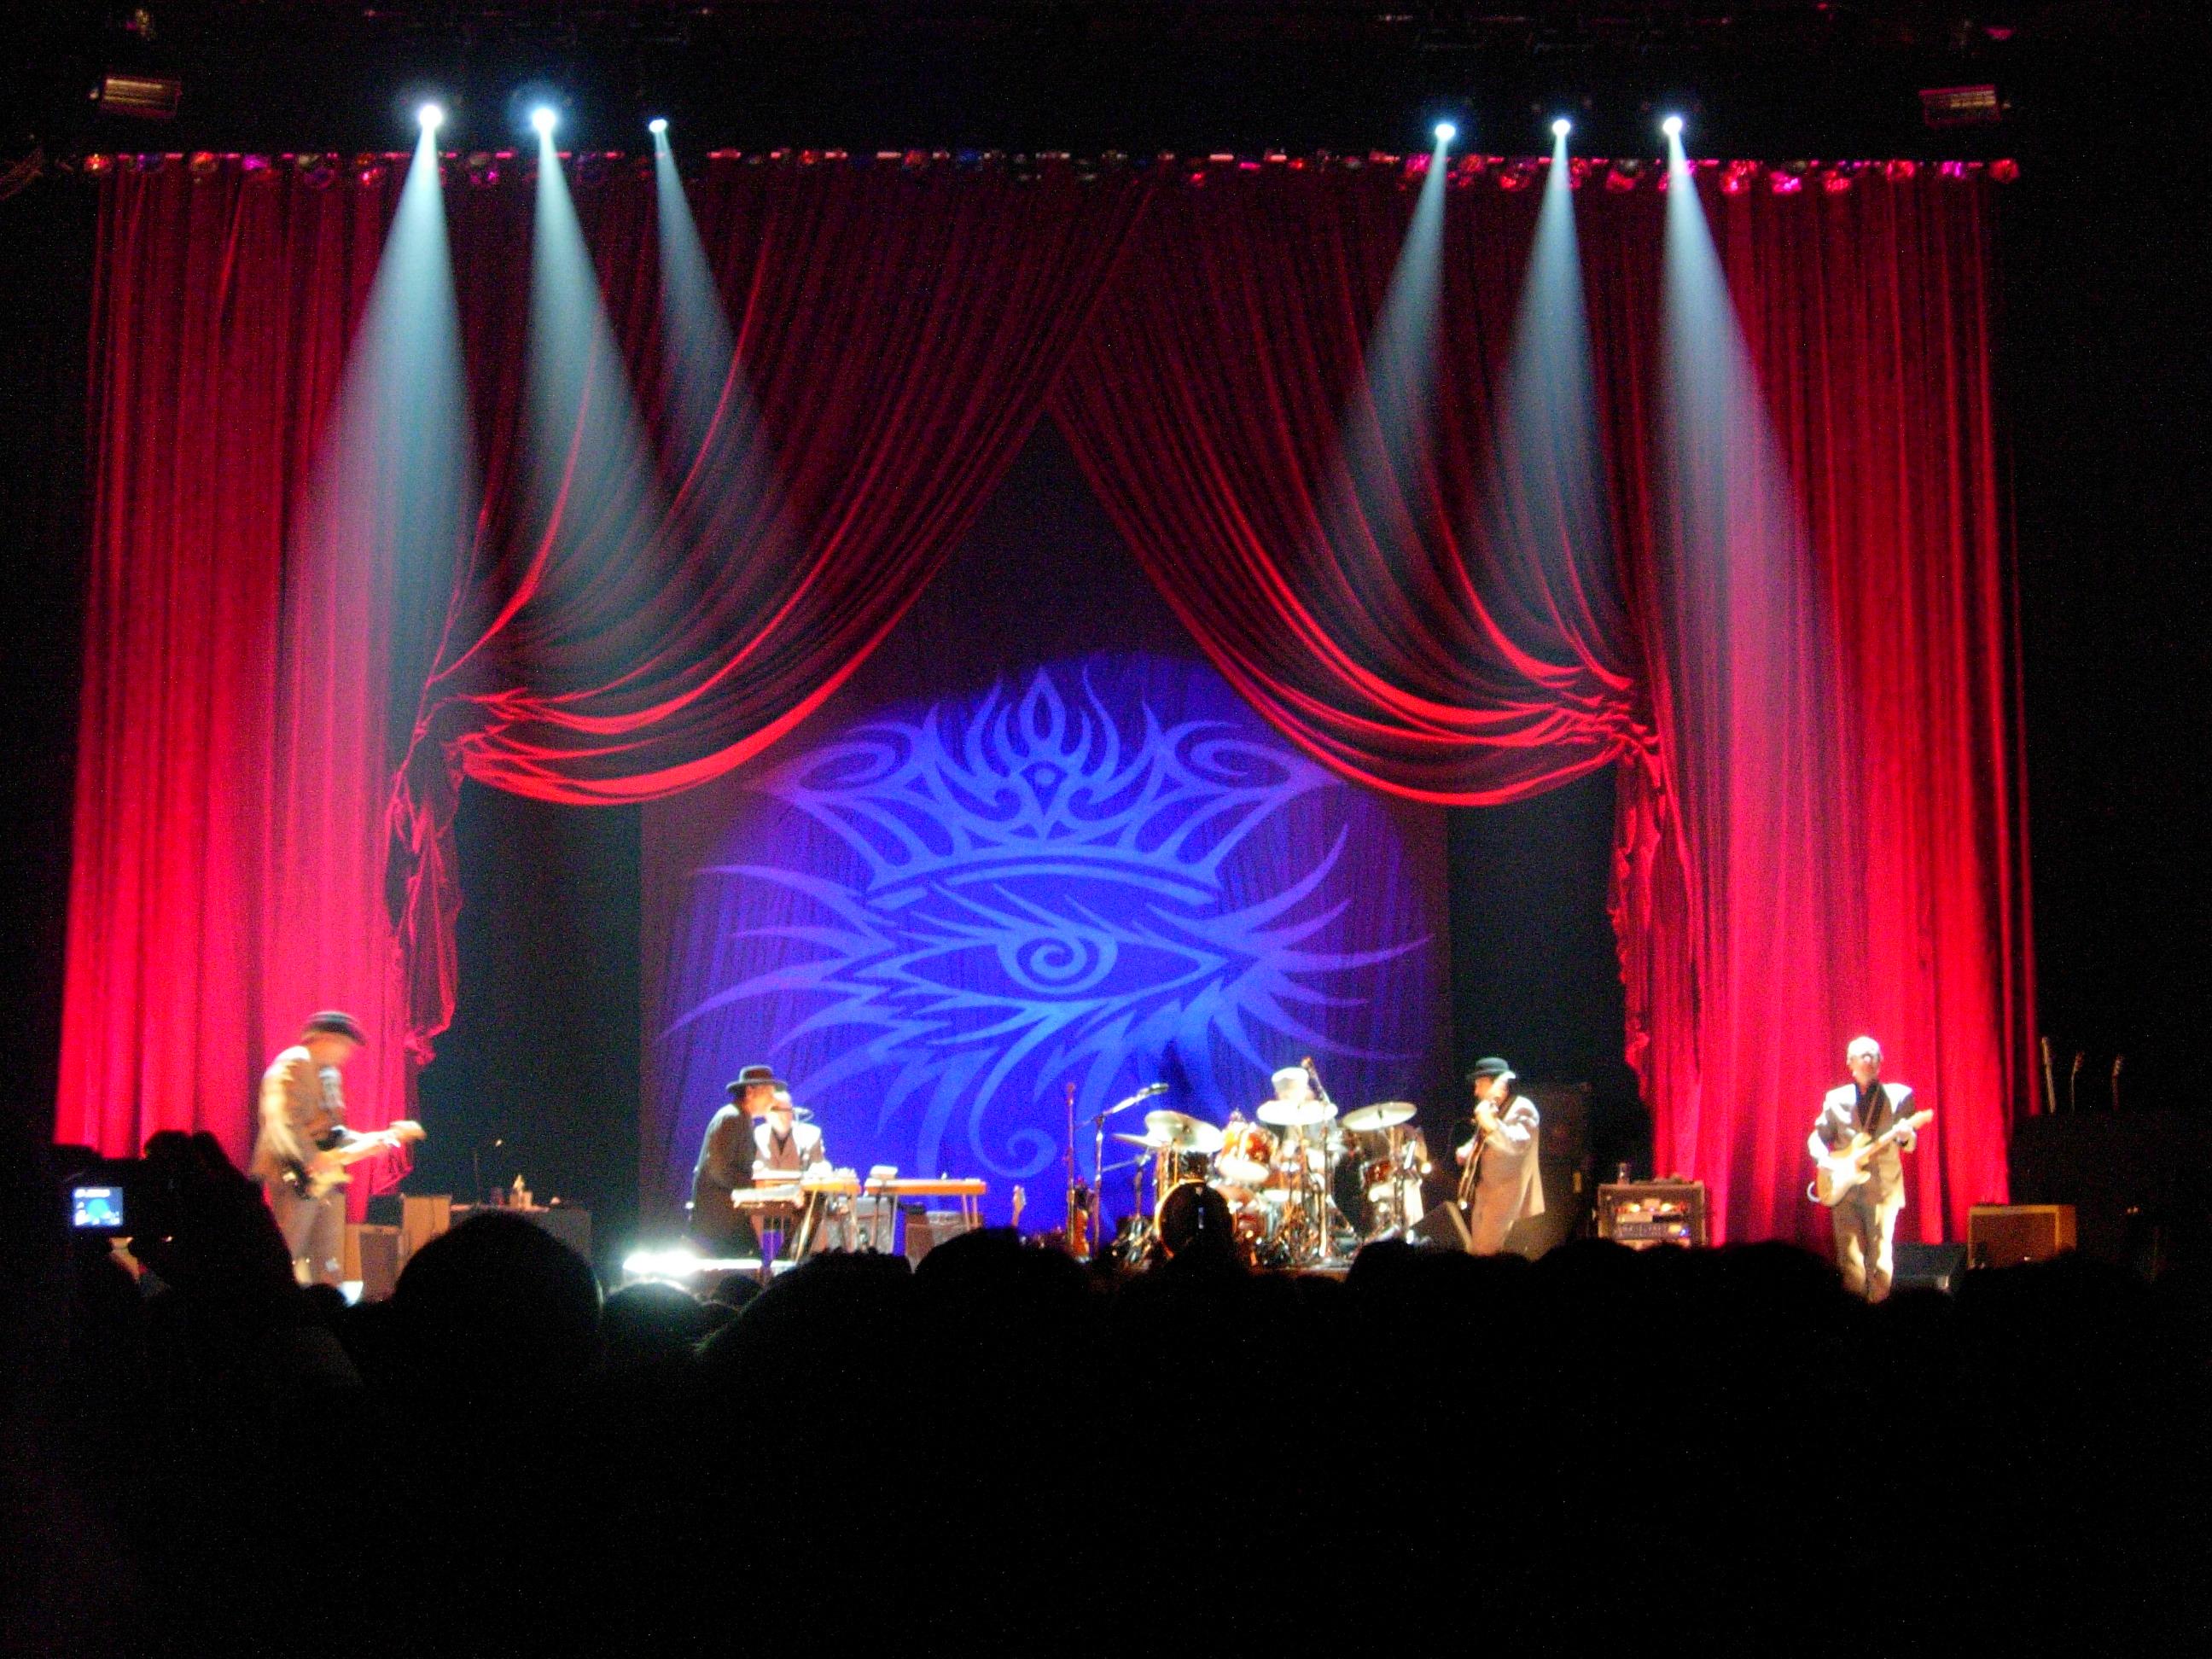 Concierto en Bolonia en noviembre de 2005, en el marco de su gira Never Ending Tour, con el logotipo de Dylan como telón de fondo.